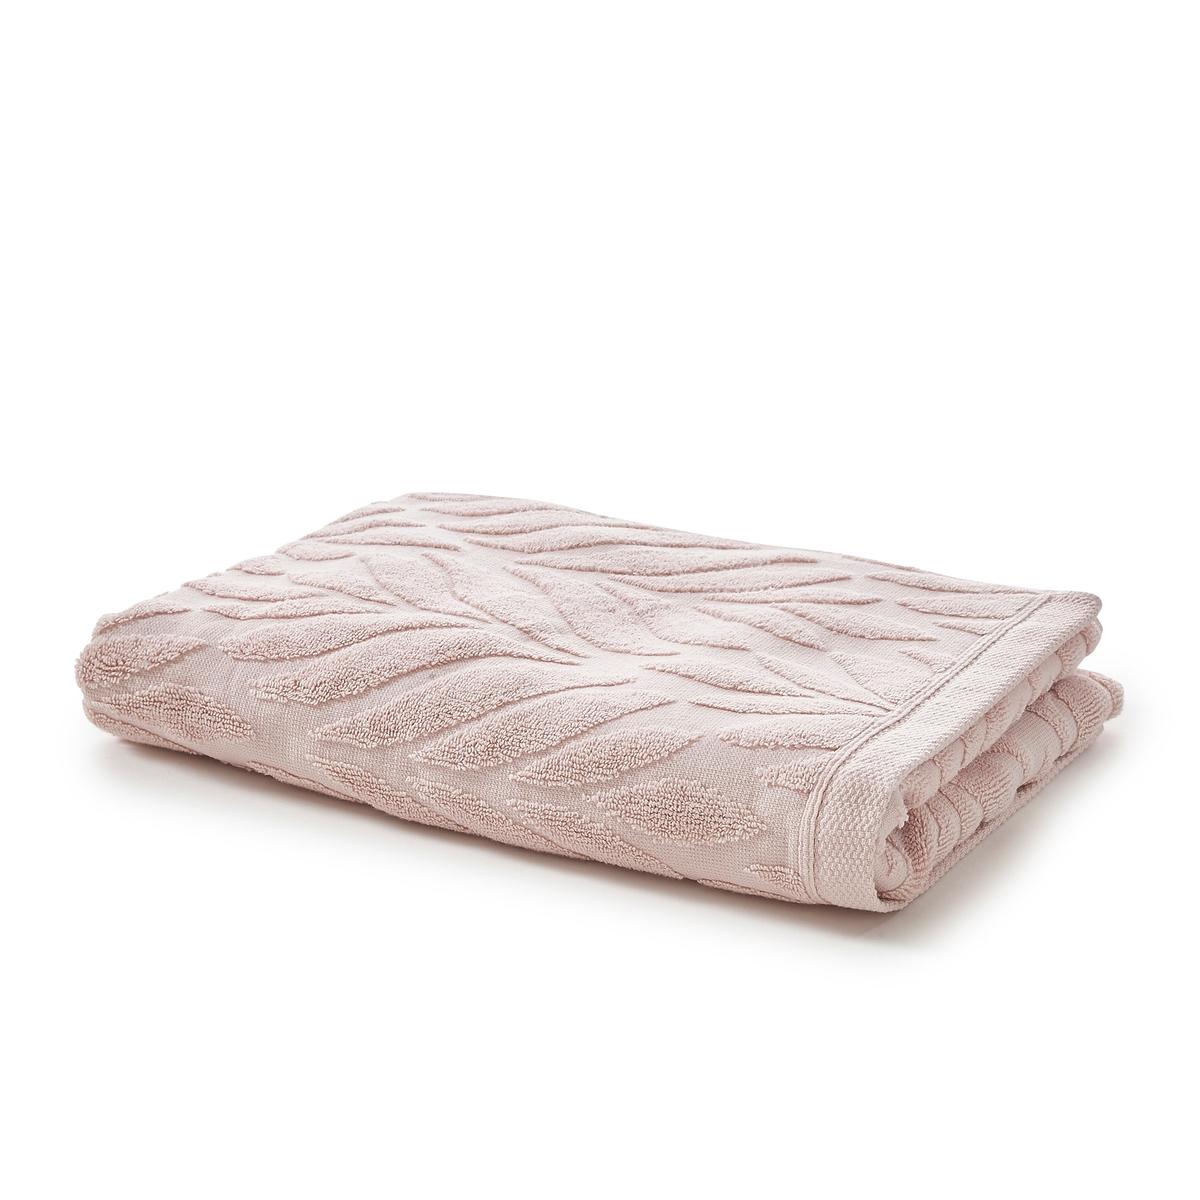 Полотенце из махровой ткани, 500 г/м?, VILA REALХарактеристики махрового полотенца Vila Real :Малая пряжа 100% хлопок, 500 г/м?.Машинная стирка при 60 °С.Размеры махрового полотенца  Vila Real  :50 x 100 см.<br><br>Цвет: серый,телесный